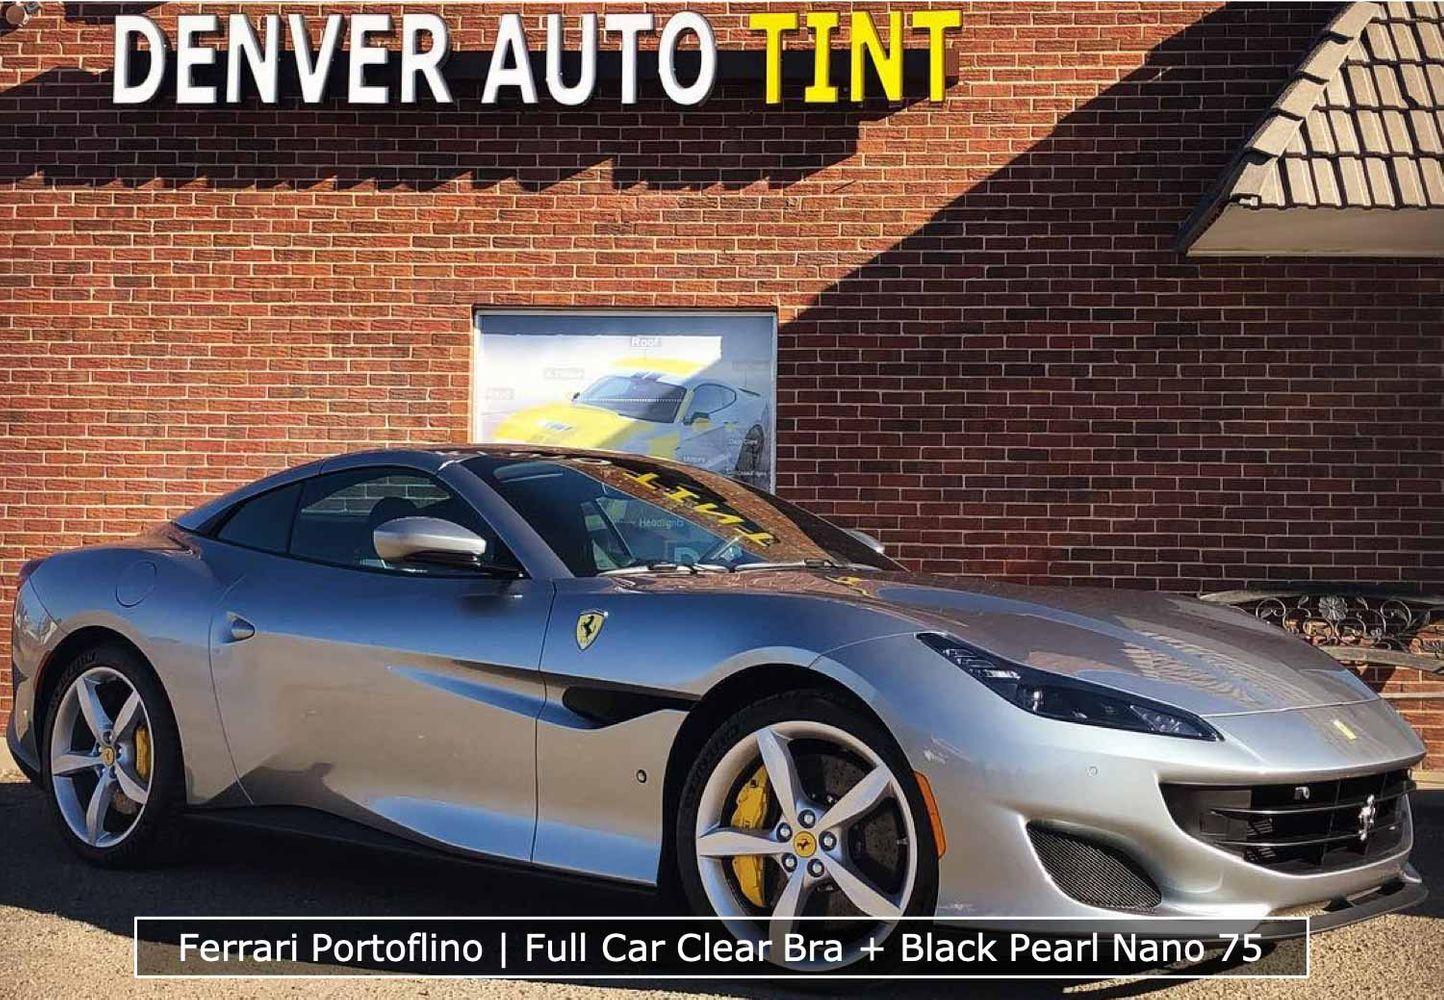 Ferrari-Clear-Bra